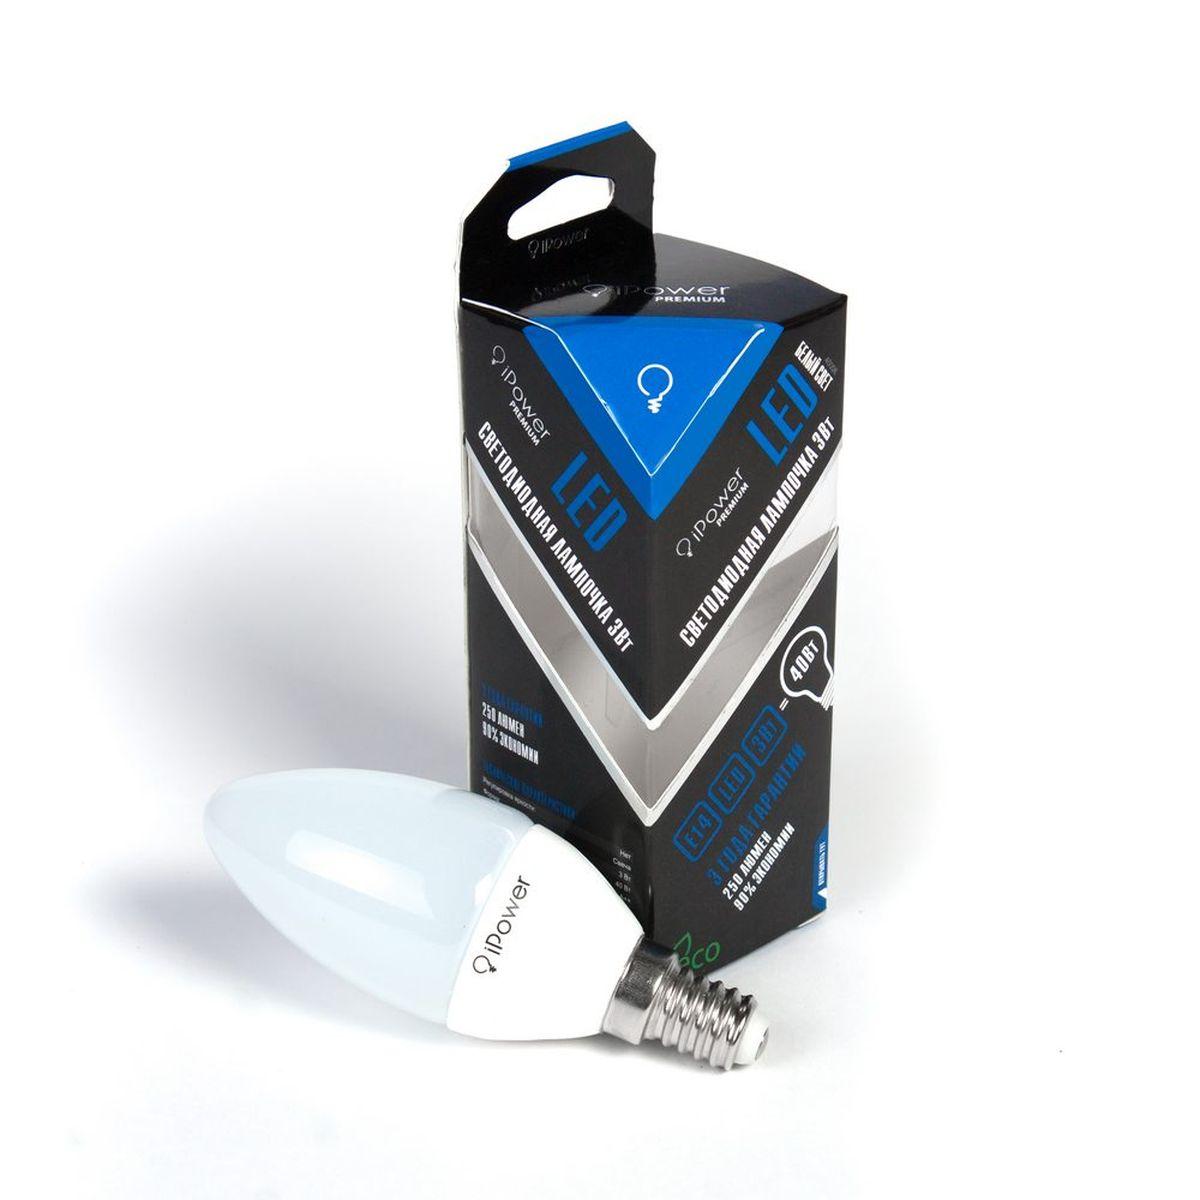 Лампа светодиодная iPower Premium, цоколь Е14, 3W, 4000КLkecLED5.5wCNE2745Светодиодная лампа iPower Premium имеет очень низкое энергопотребление. В сравнении с лампами накаливания LED потребляет в 12 разменьше электричества, а в сравнении с энергосберегающими - в 2-4 раза меньше. При этом срок службы LED лампочки в 5 раз выше, чемэнергосберегающей, и в 50 раз выше, чем у лампы накаливания. Светодиодная лампа iPower Premium создает мягкий рассеивающий свет безмерцаний, что совершенно безопасно для глаз. Она специально разработана по требованиям российских и европейских законов и подходит ковсем осветительным устройствам, совместимым со стандартным цоколем E27. Использование светодиодов от мирового лидера Epistar - этозалог надежной и стабильной работы лампы. Нейтральный белый оттенок свечения идеально подойдет для освещения, как офисов,образовательных и медицинских учреждений, так и кухни, гостиной.Диапазон рабочих температур: от -50°C до +50°С.Материал: алюминий, поликарбонат.Потребляемая мощность: 3 Вт.Рабочее напряжение: 220В.Световая температура: 4000К (белый свет).Срок службы: 50000 часов.Форма: свеча.Цоколь: миньон (E14).Эквивалент мощности лампы накаливания: 40 Вт.Яркость свечения: 250 Лм.